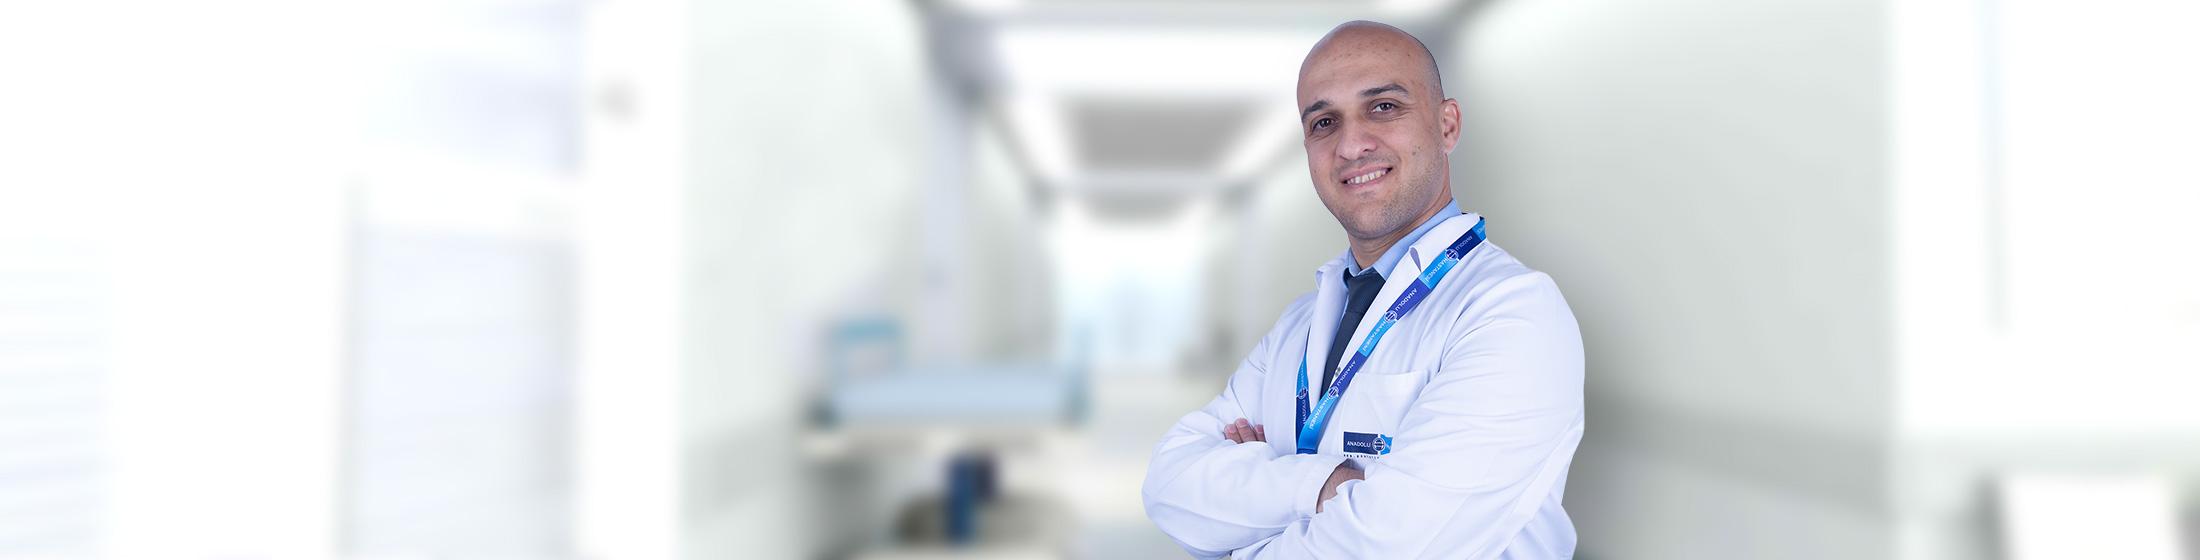 Uzm  Dr  Aydın Bayramov   Neurology   Movement disorders